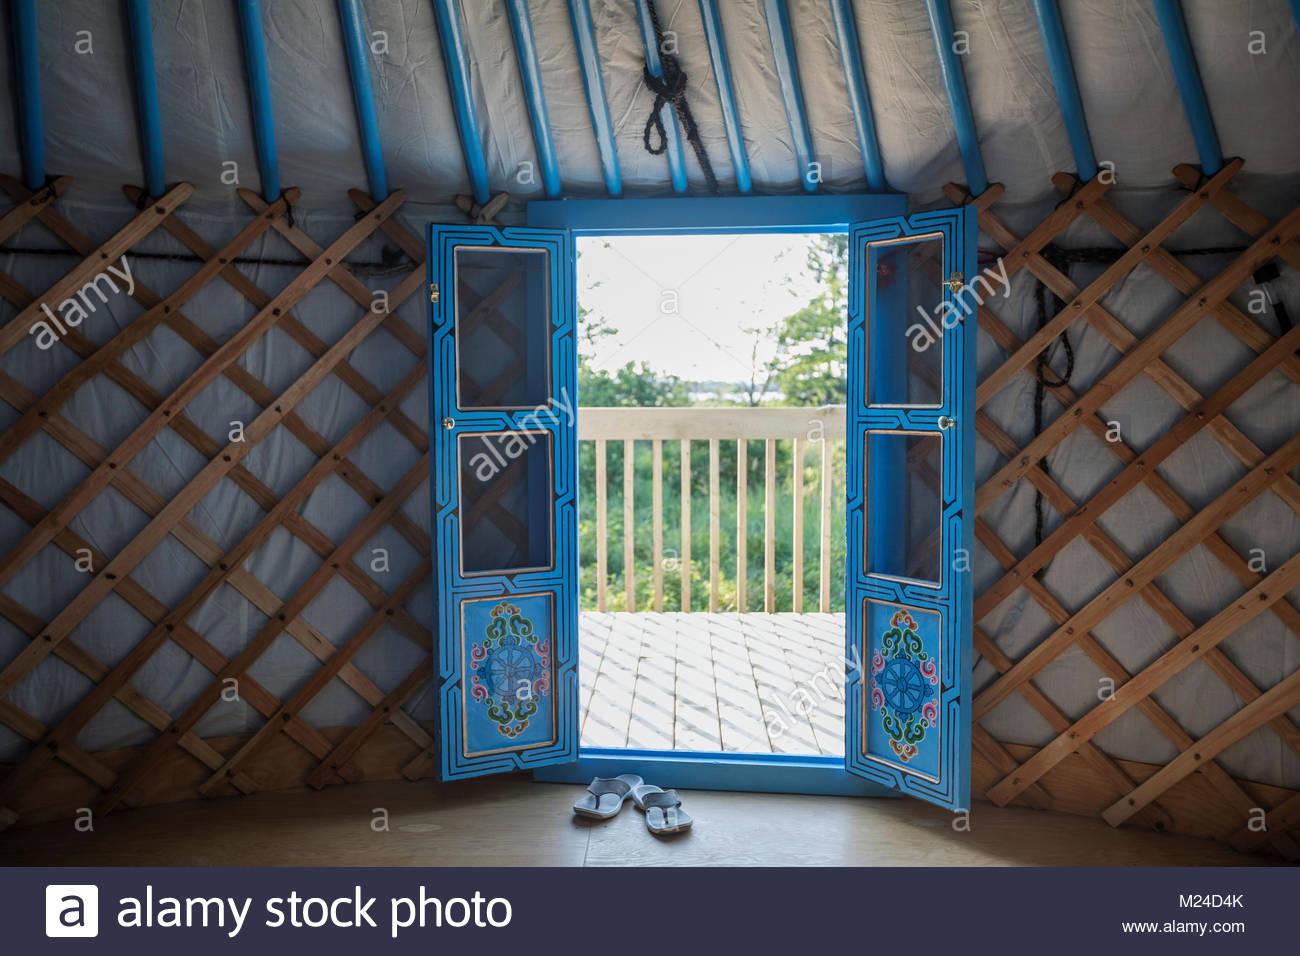 French doors open in yurt - Stock Image